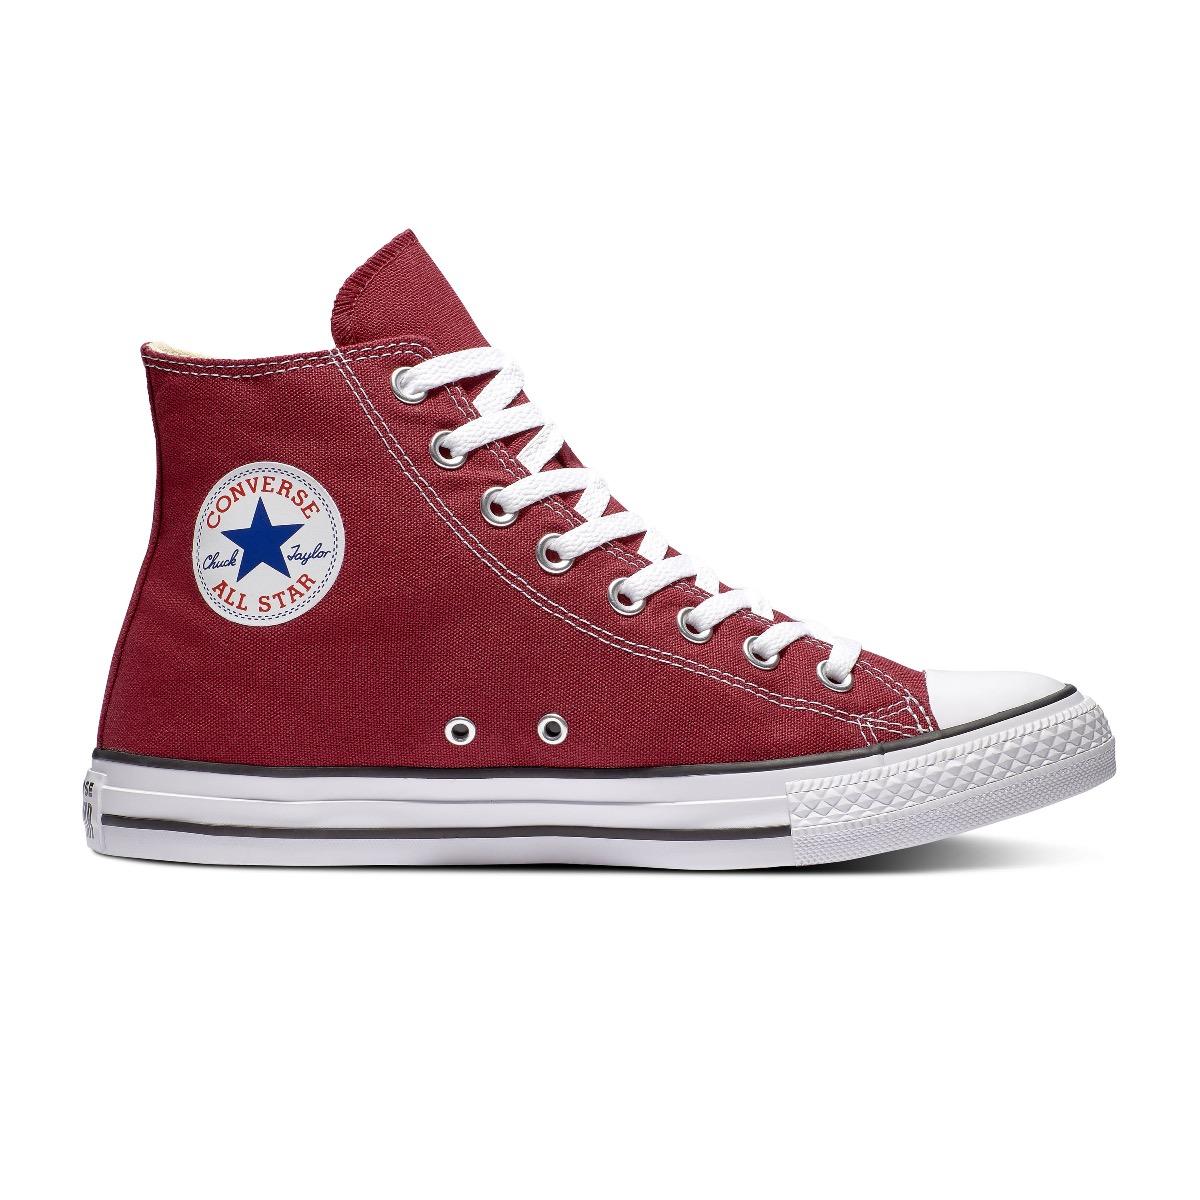 Converse All Stars Hoog Bordeaux Rood maat 39.5